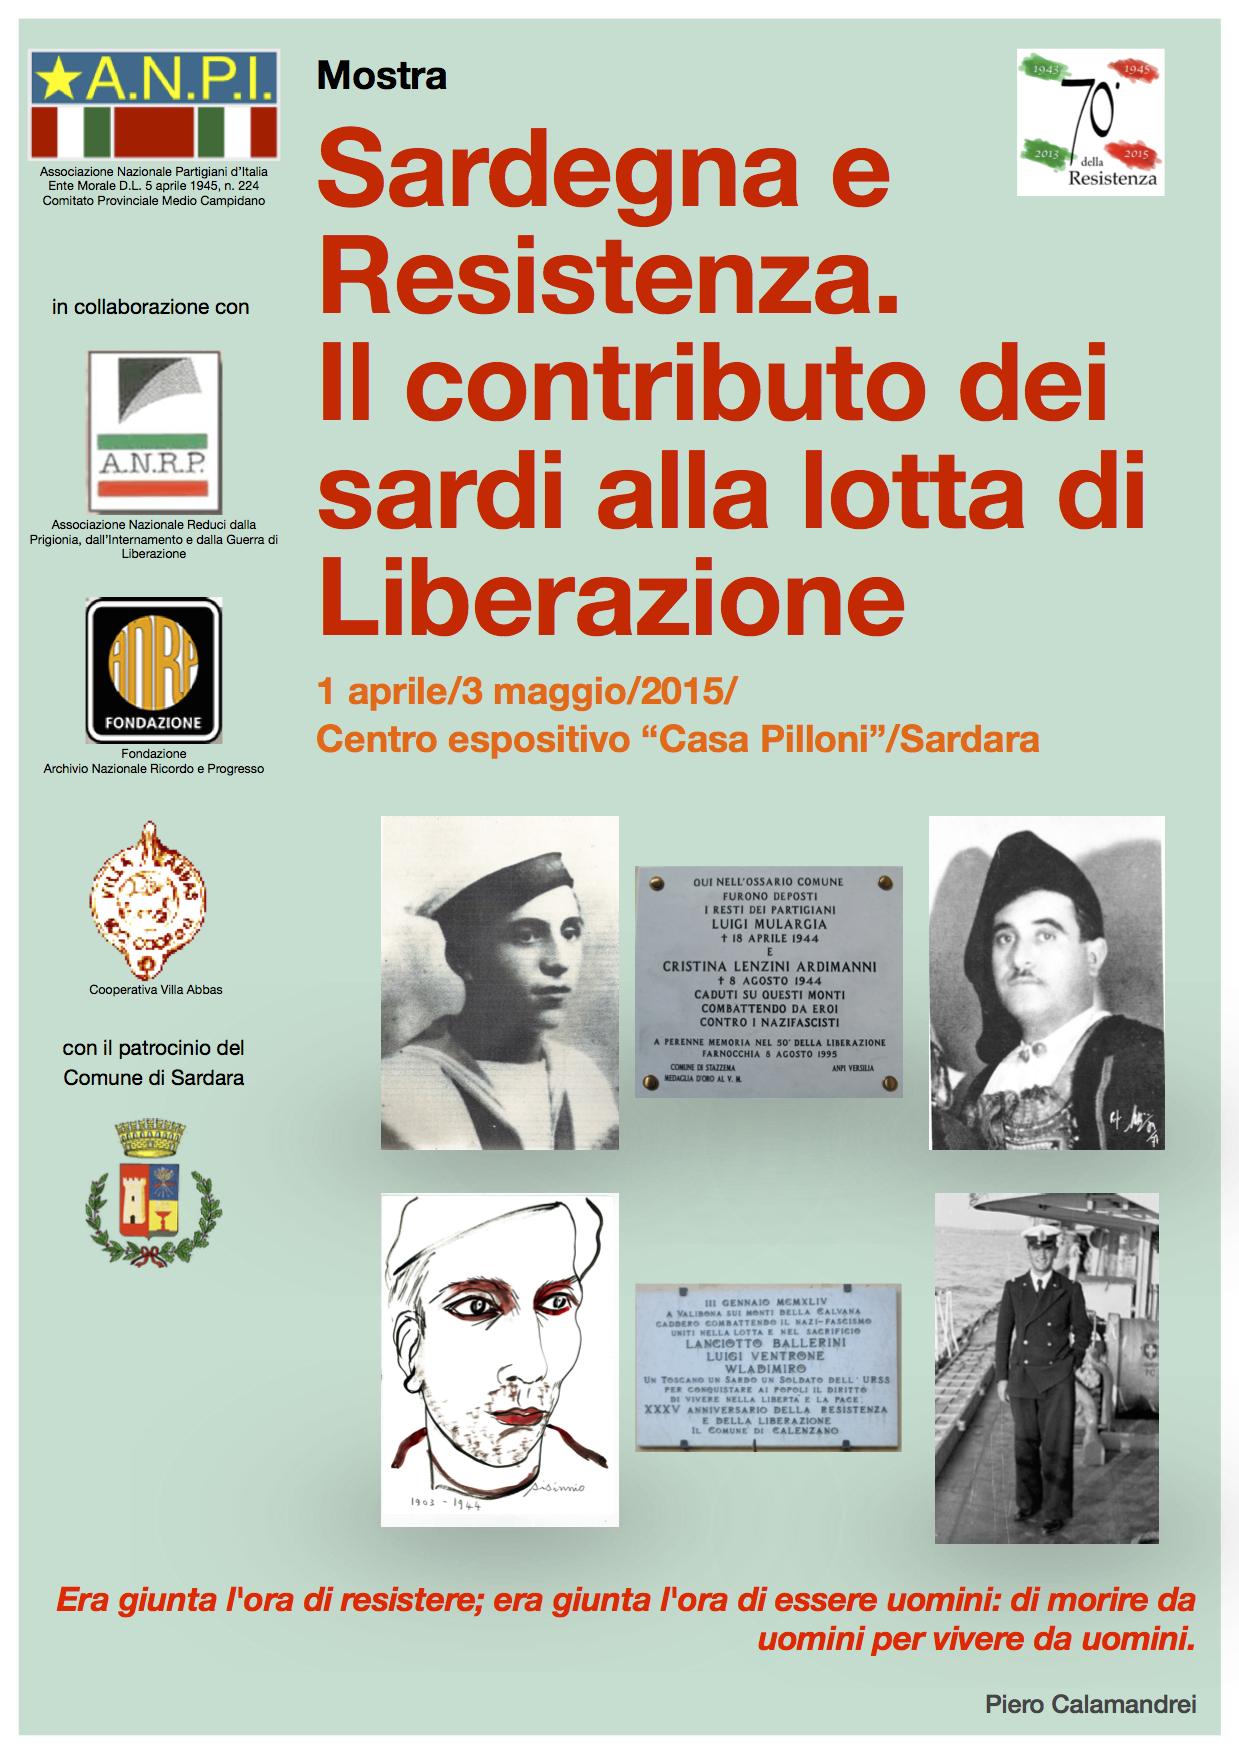 """Mostra """"Sardegna e Resistenza, il contributo dei sardi alla lotta di Liberazione"""""""